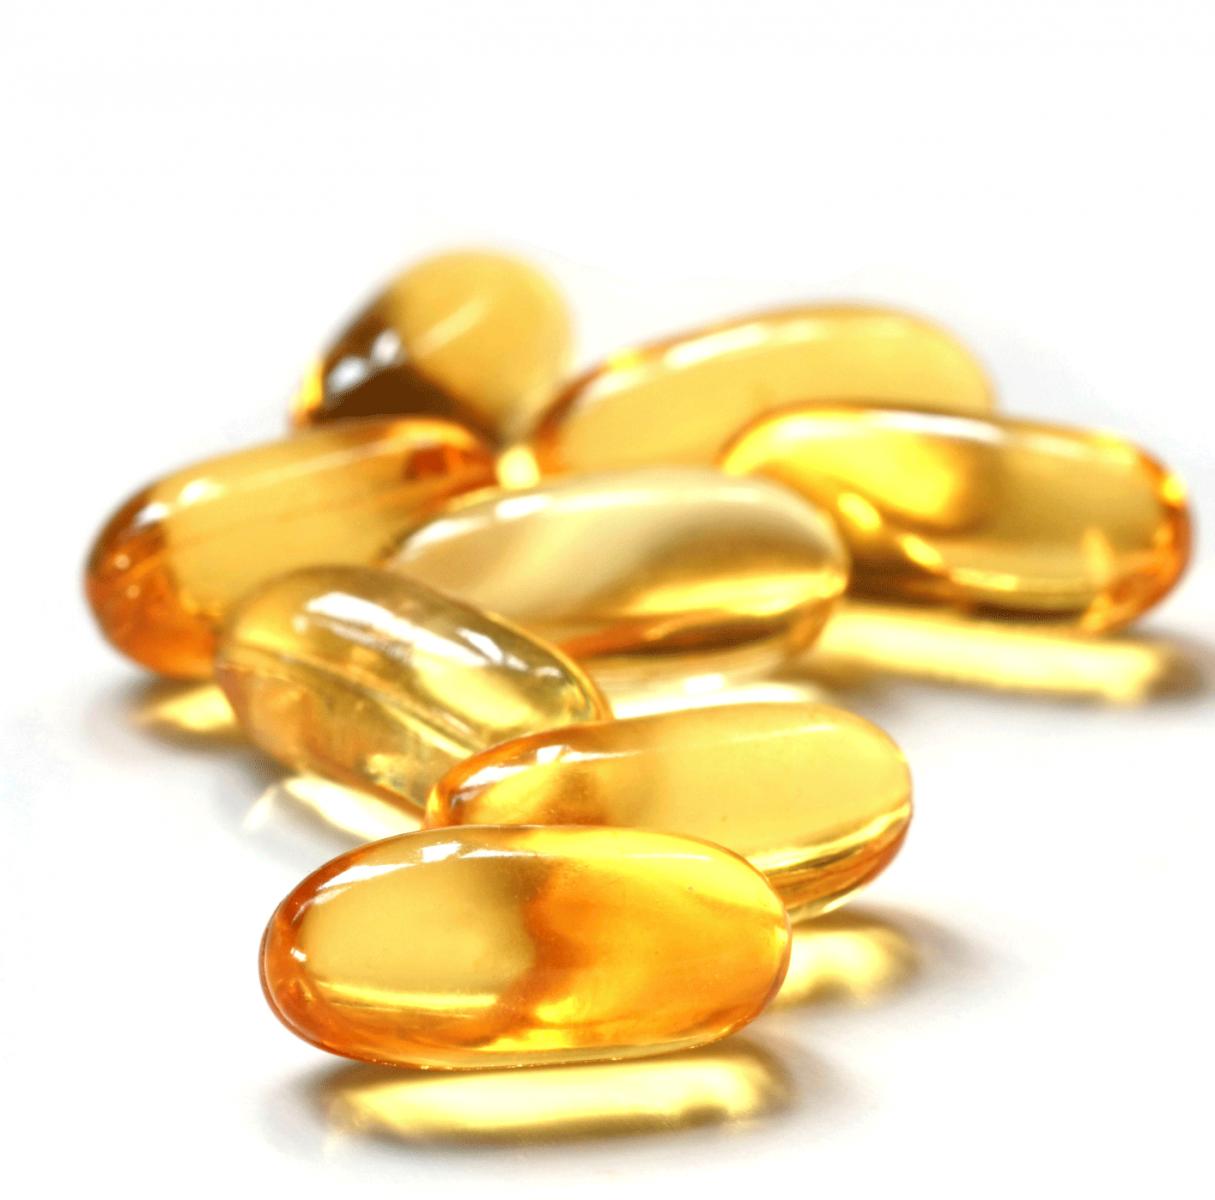 duong-toc-dai-vitamin-e